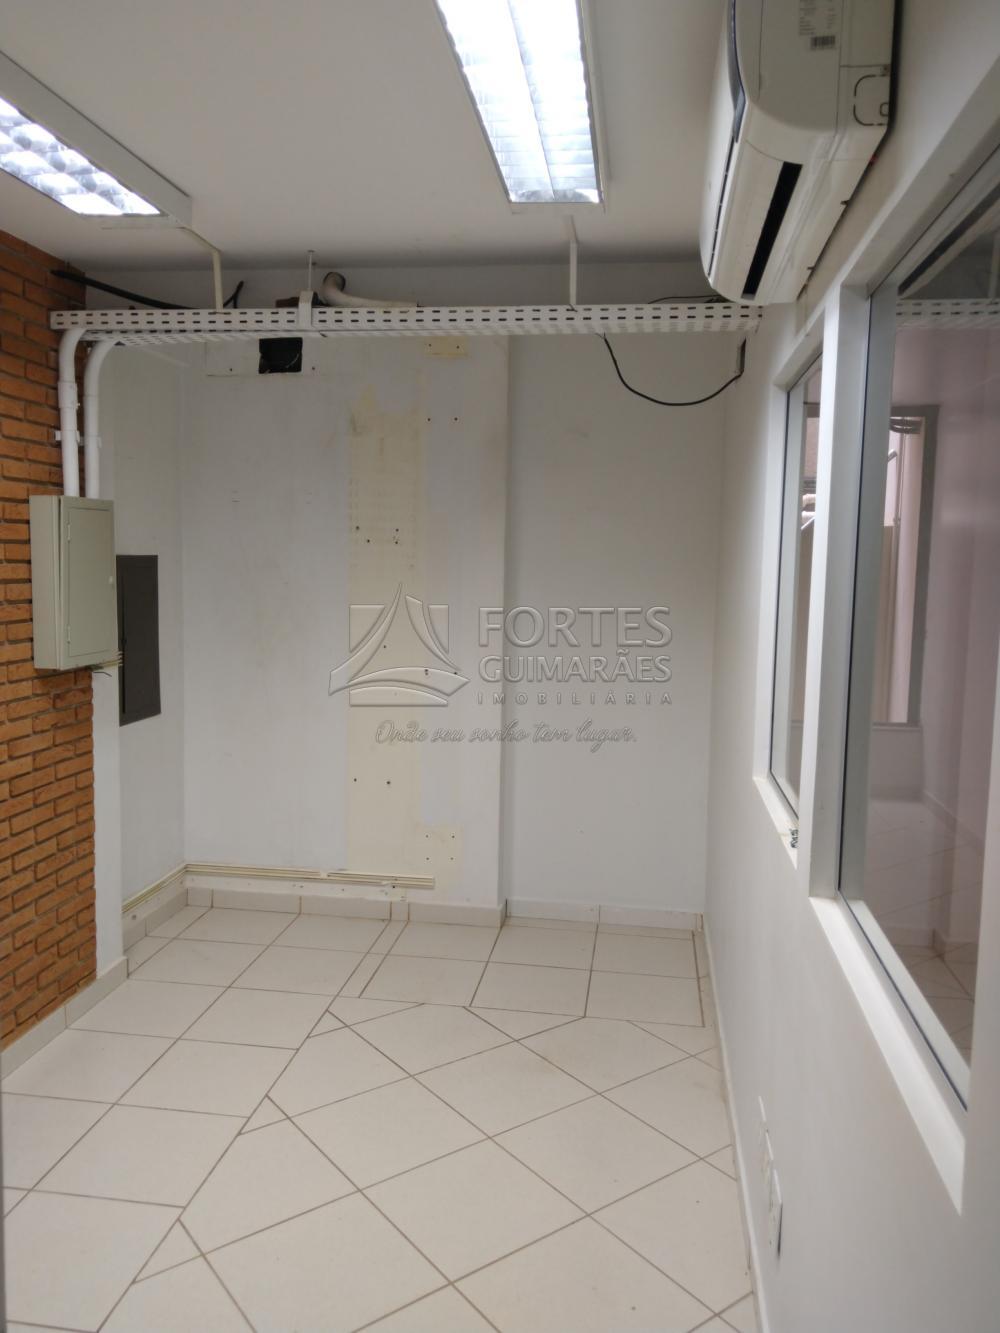 Alugar Comercial / Imóvel Comercial em Ribeirão Preto apenas R$ 12.000,00 - Foto 94